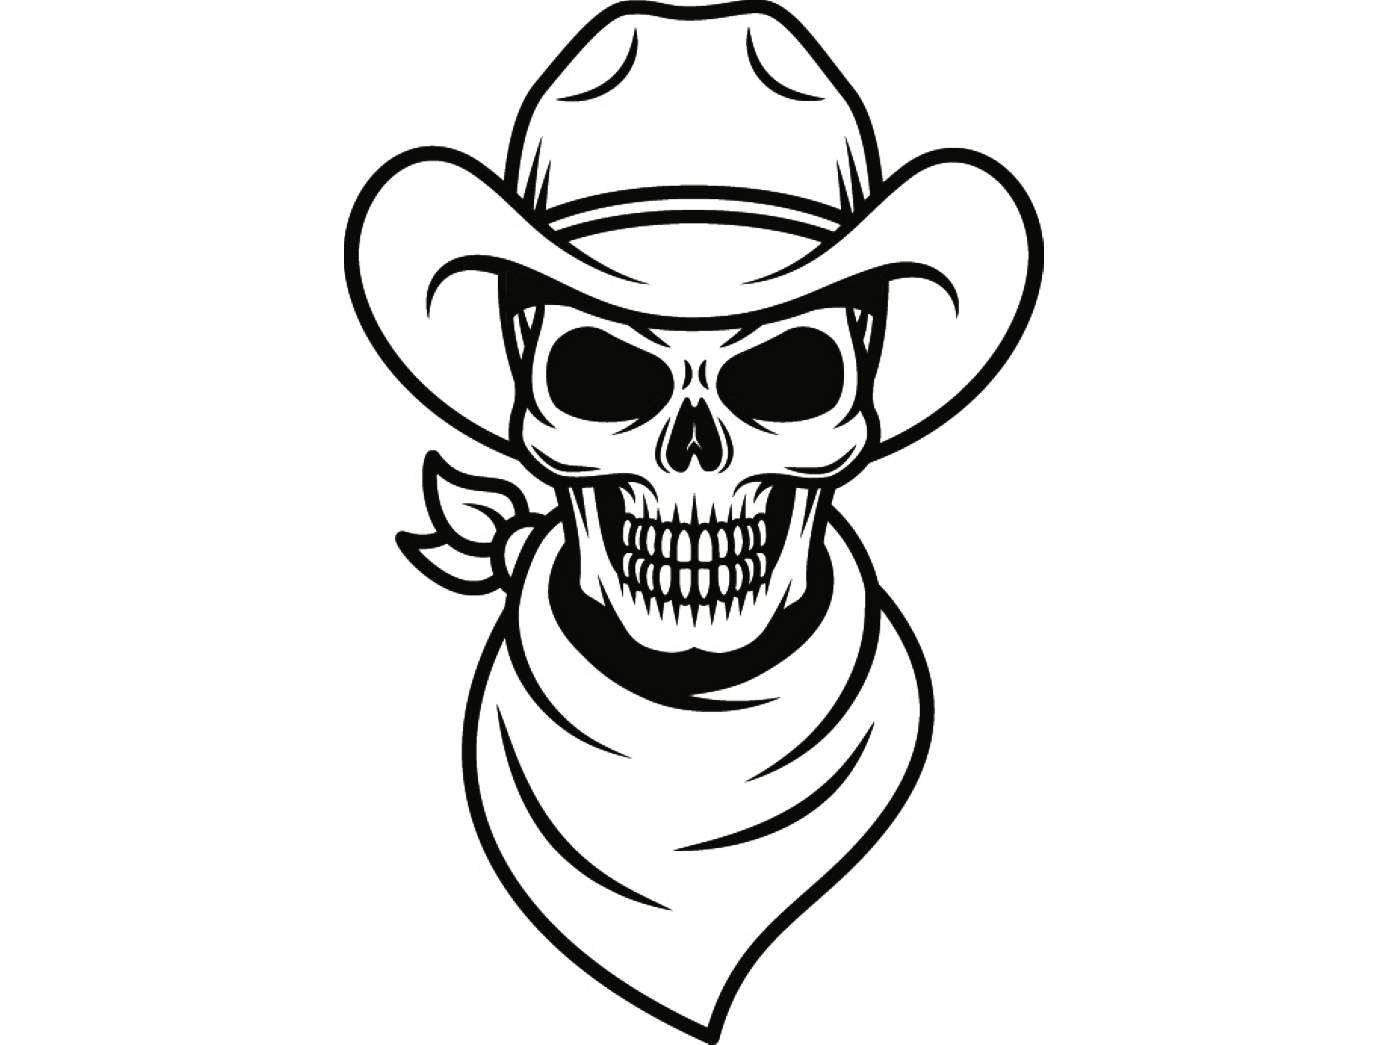 Cowboy Skull Drawing At Getdrawings